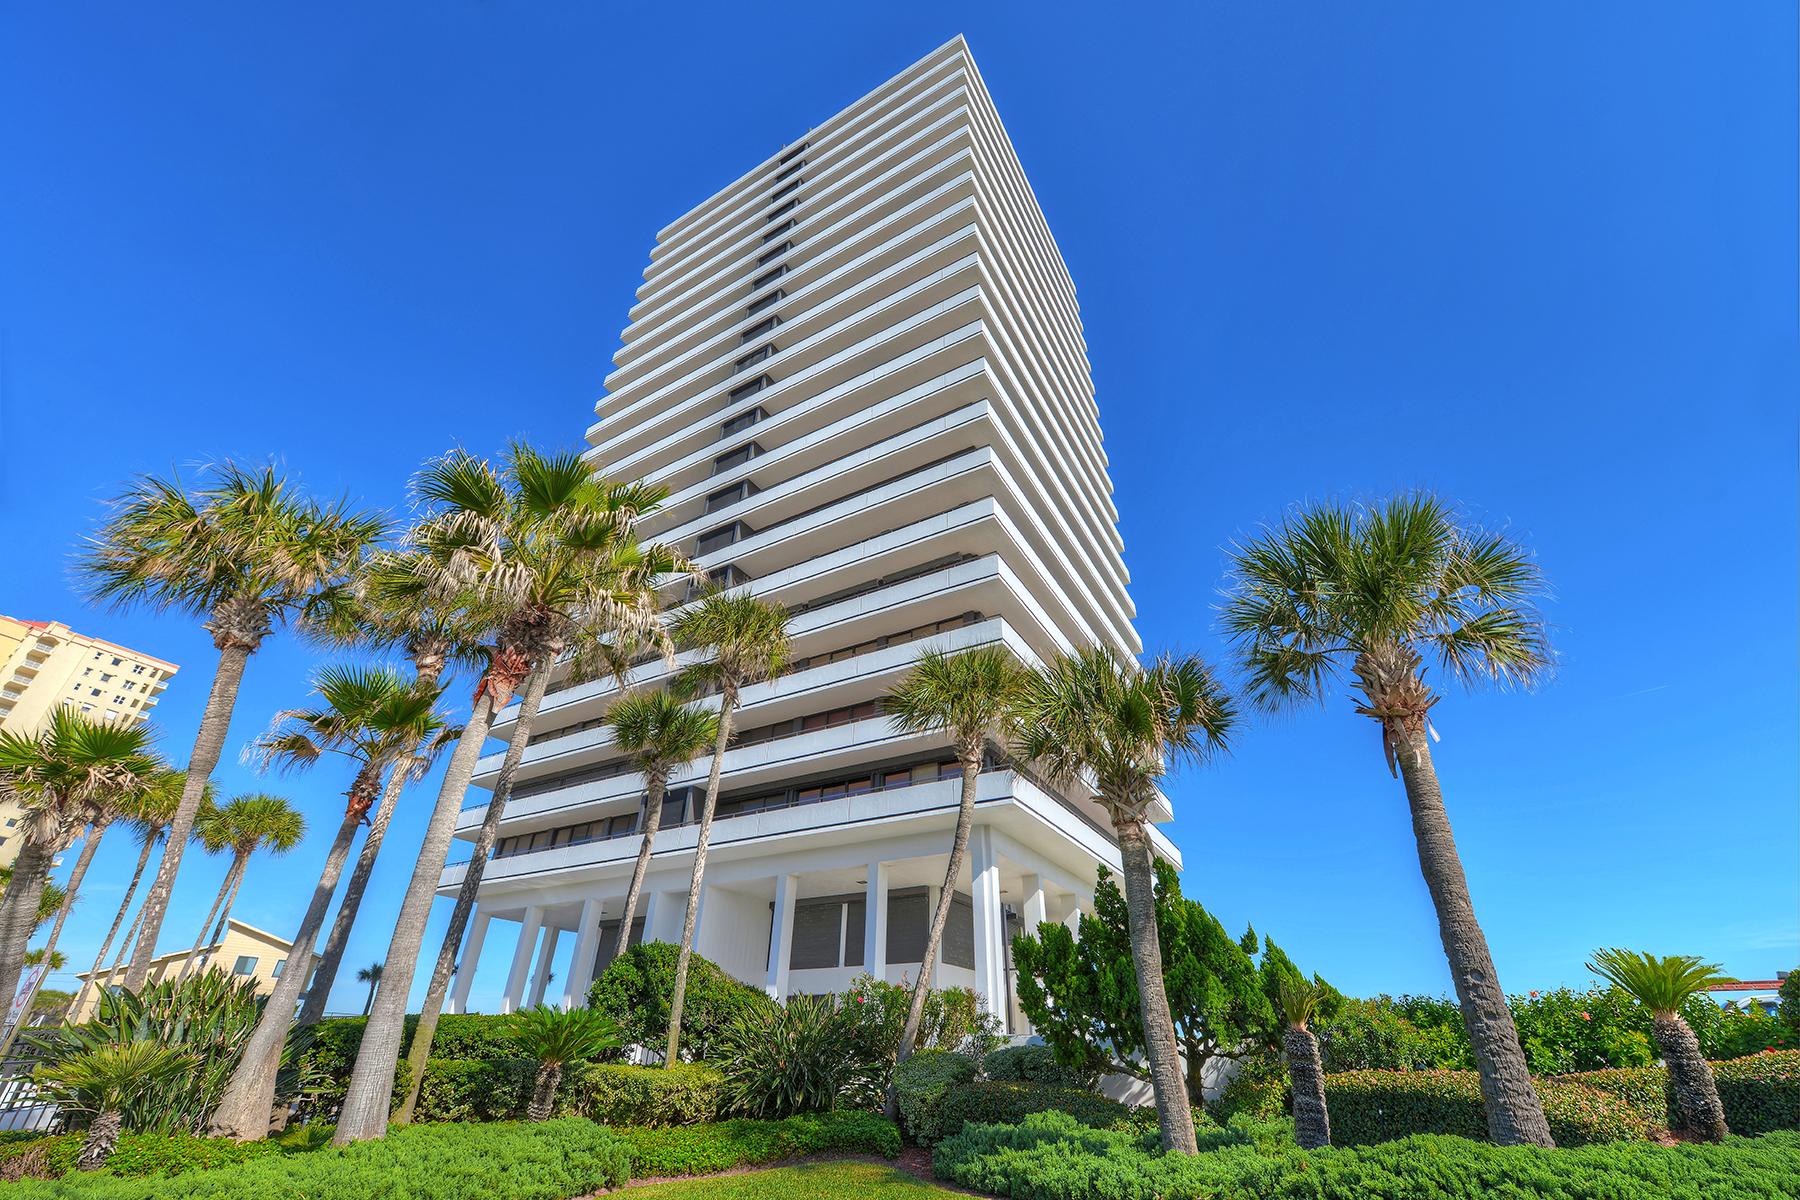 콘도미니엄 용 매매 에 2200 N Atlantic Ave , 801, Daytona Beach, FL 32118 2200 N Atlantic Ave 801 Daytona Beach, 플로리다 32118 미국